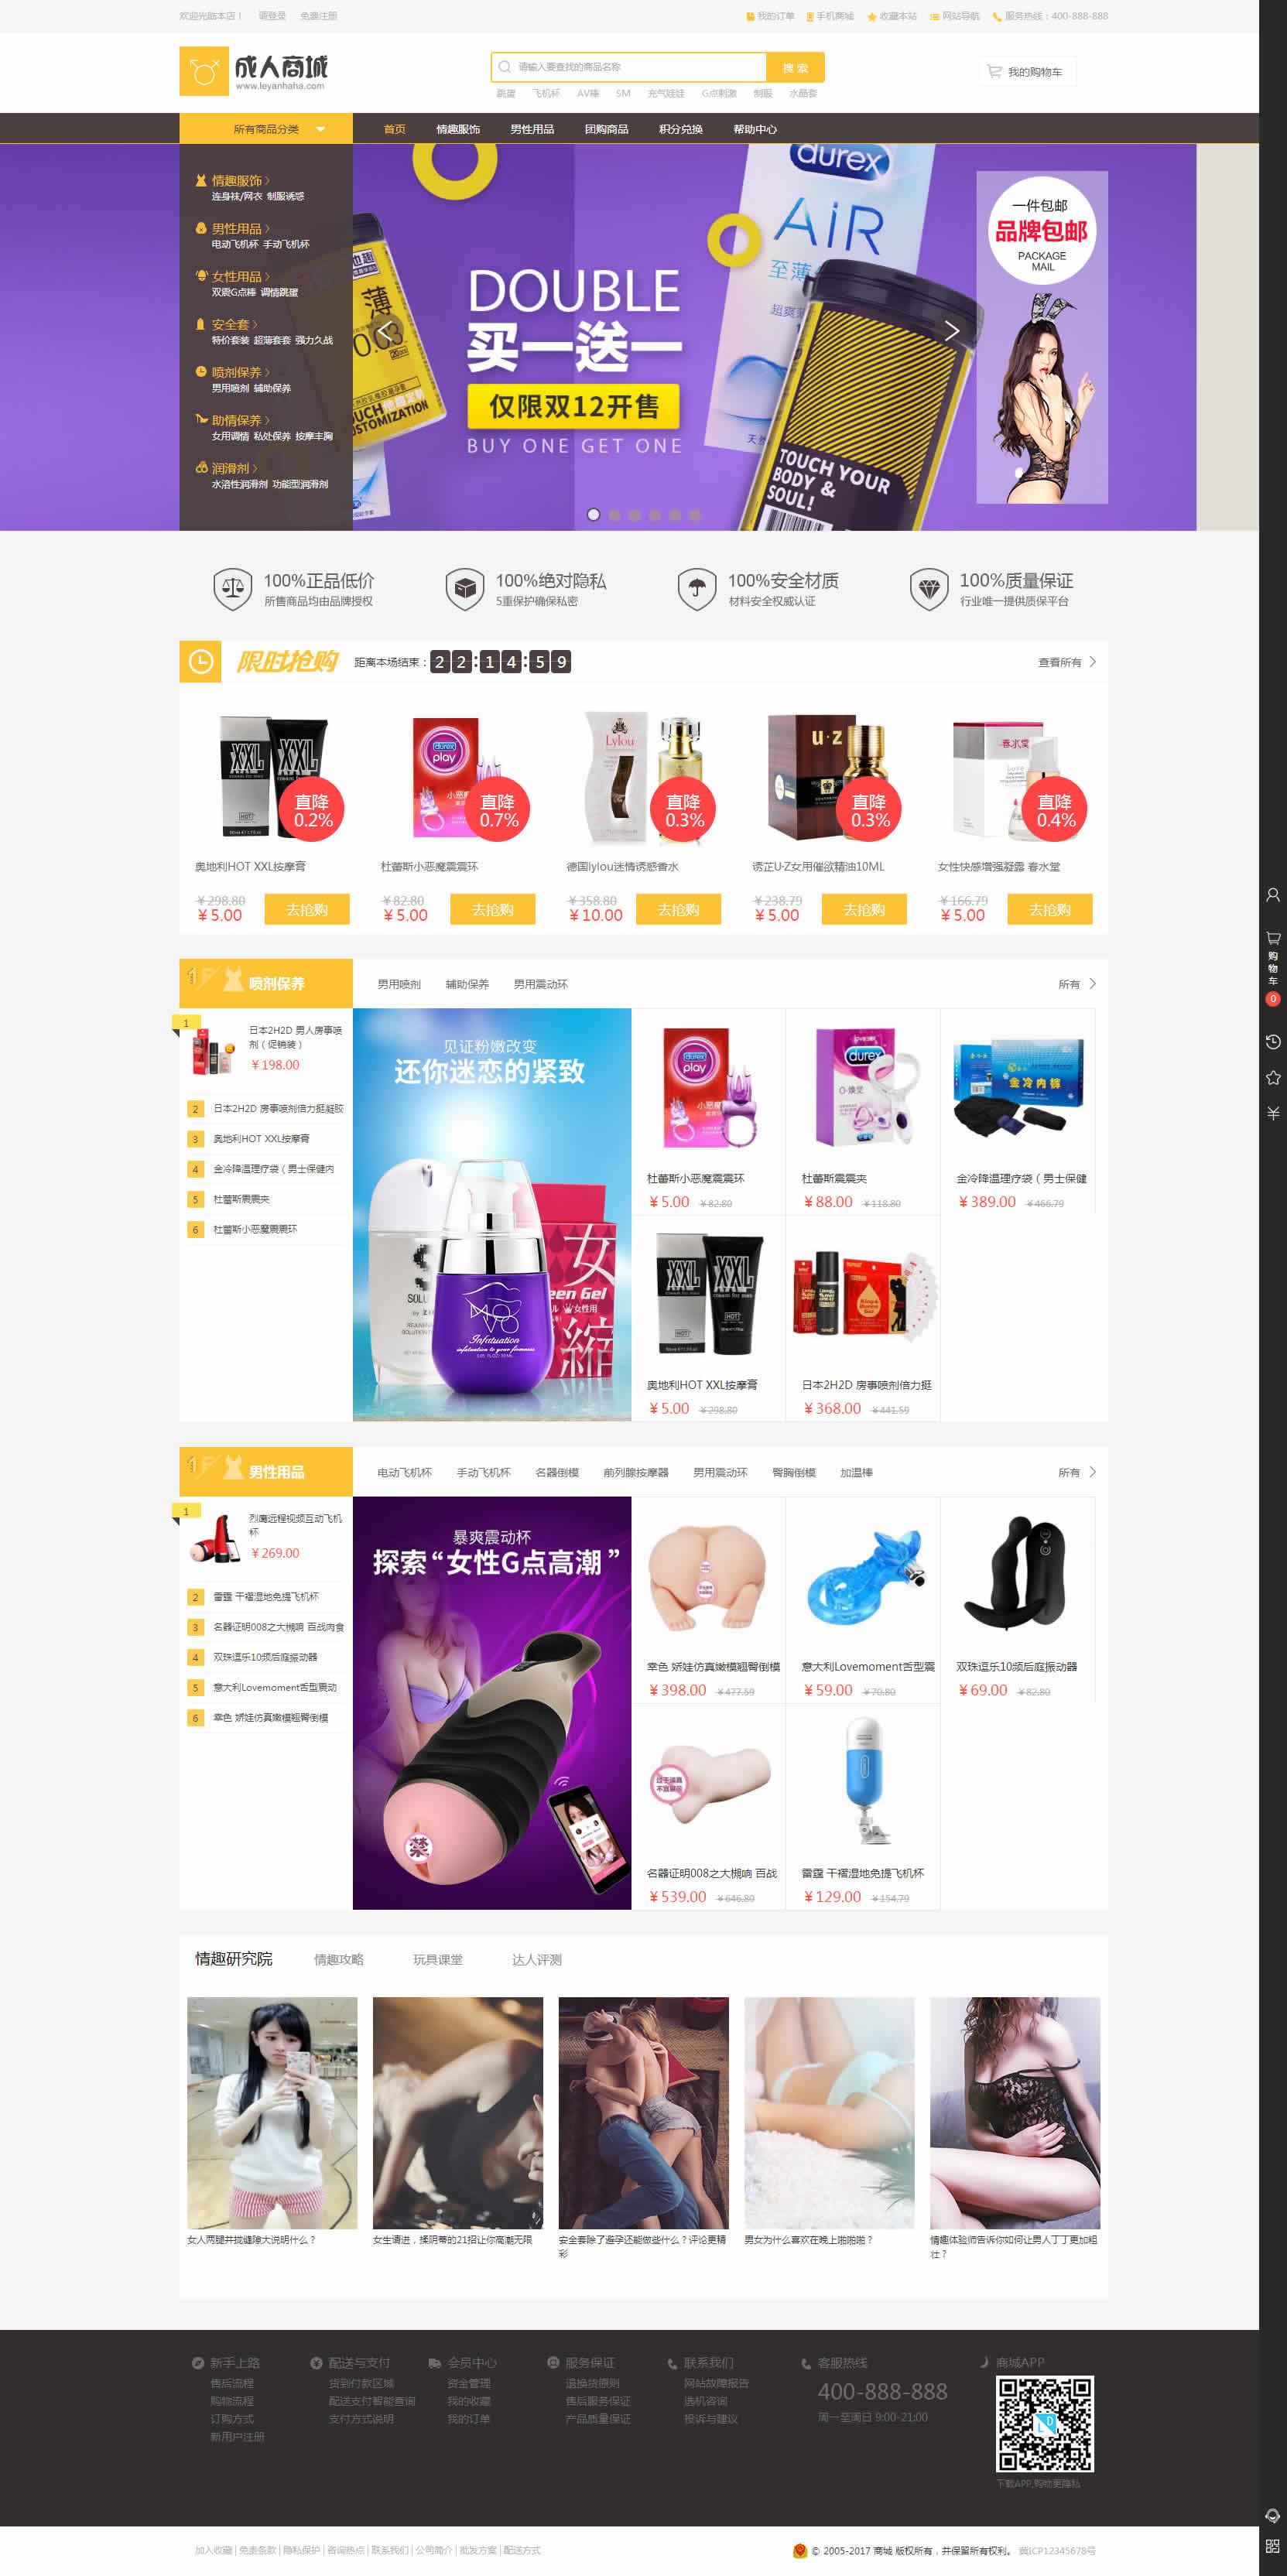 2017年最新成人用品商城网站源码分享,Ecshop内核开发带微信分销,支付功能,手机WAP端功能